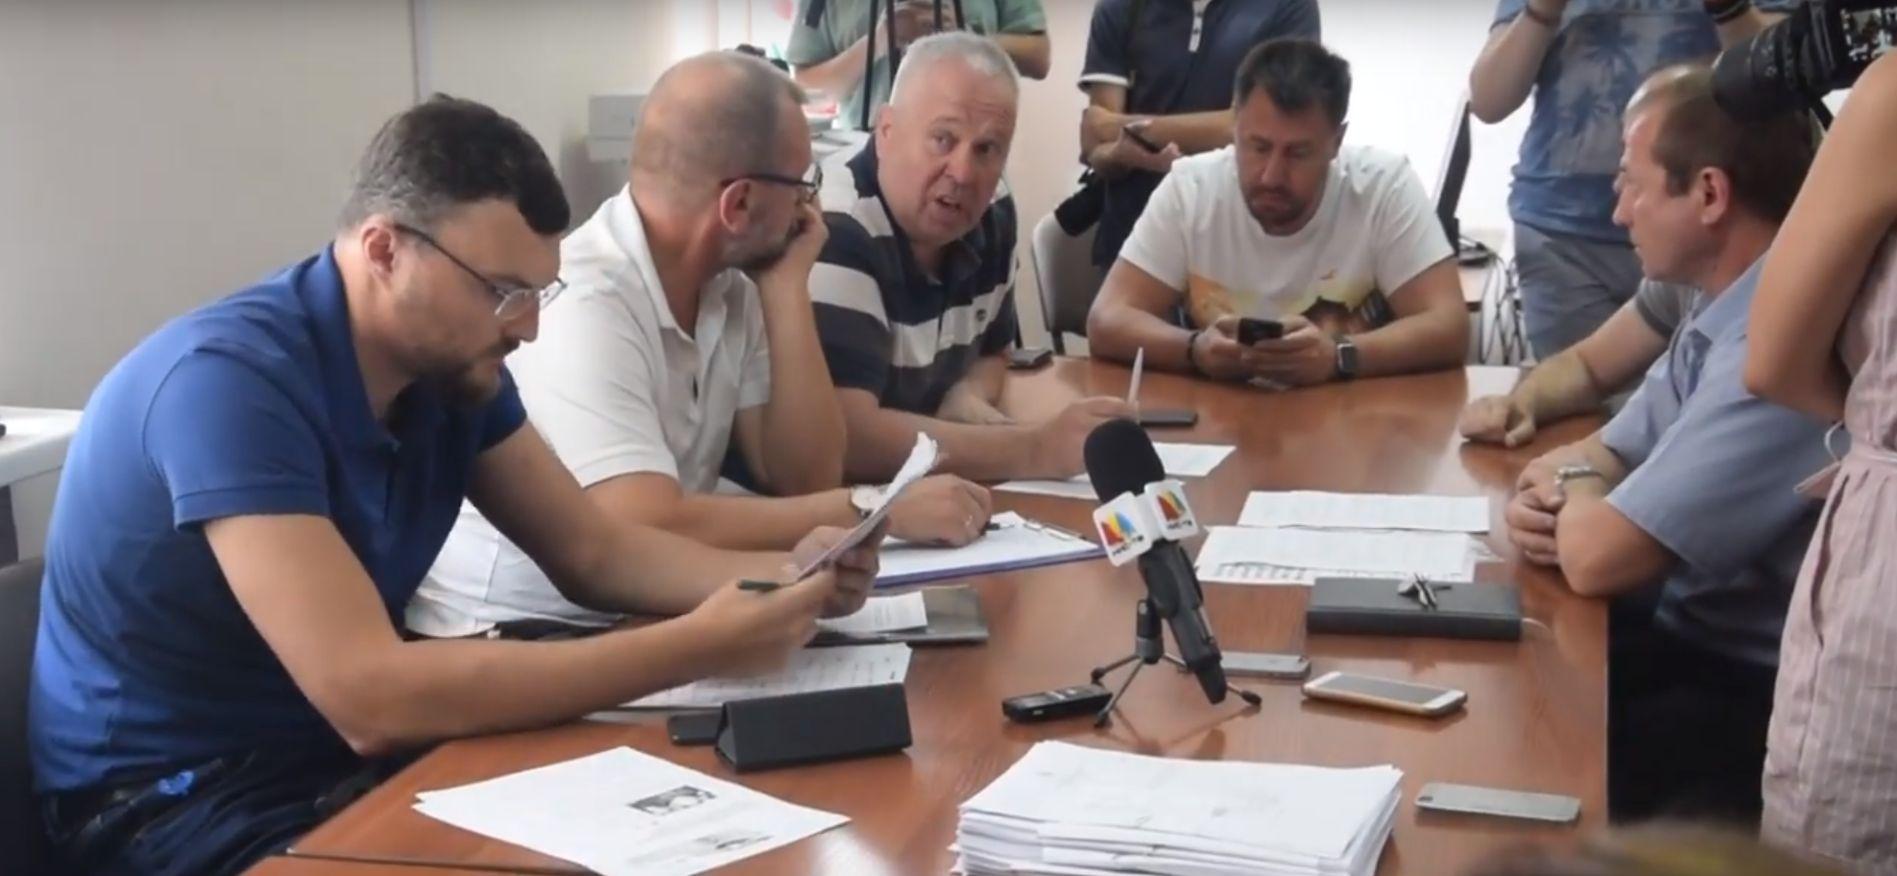 Не имеющий юридического образования Ермолаев решил разъяснить депутатам горсовета законодательство о конфликте интересов